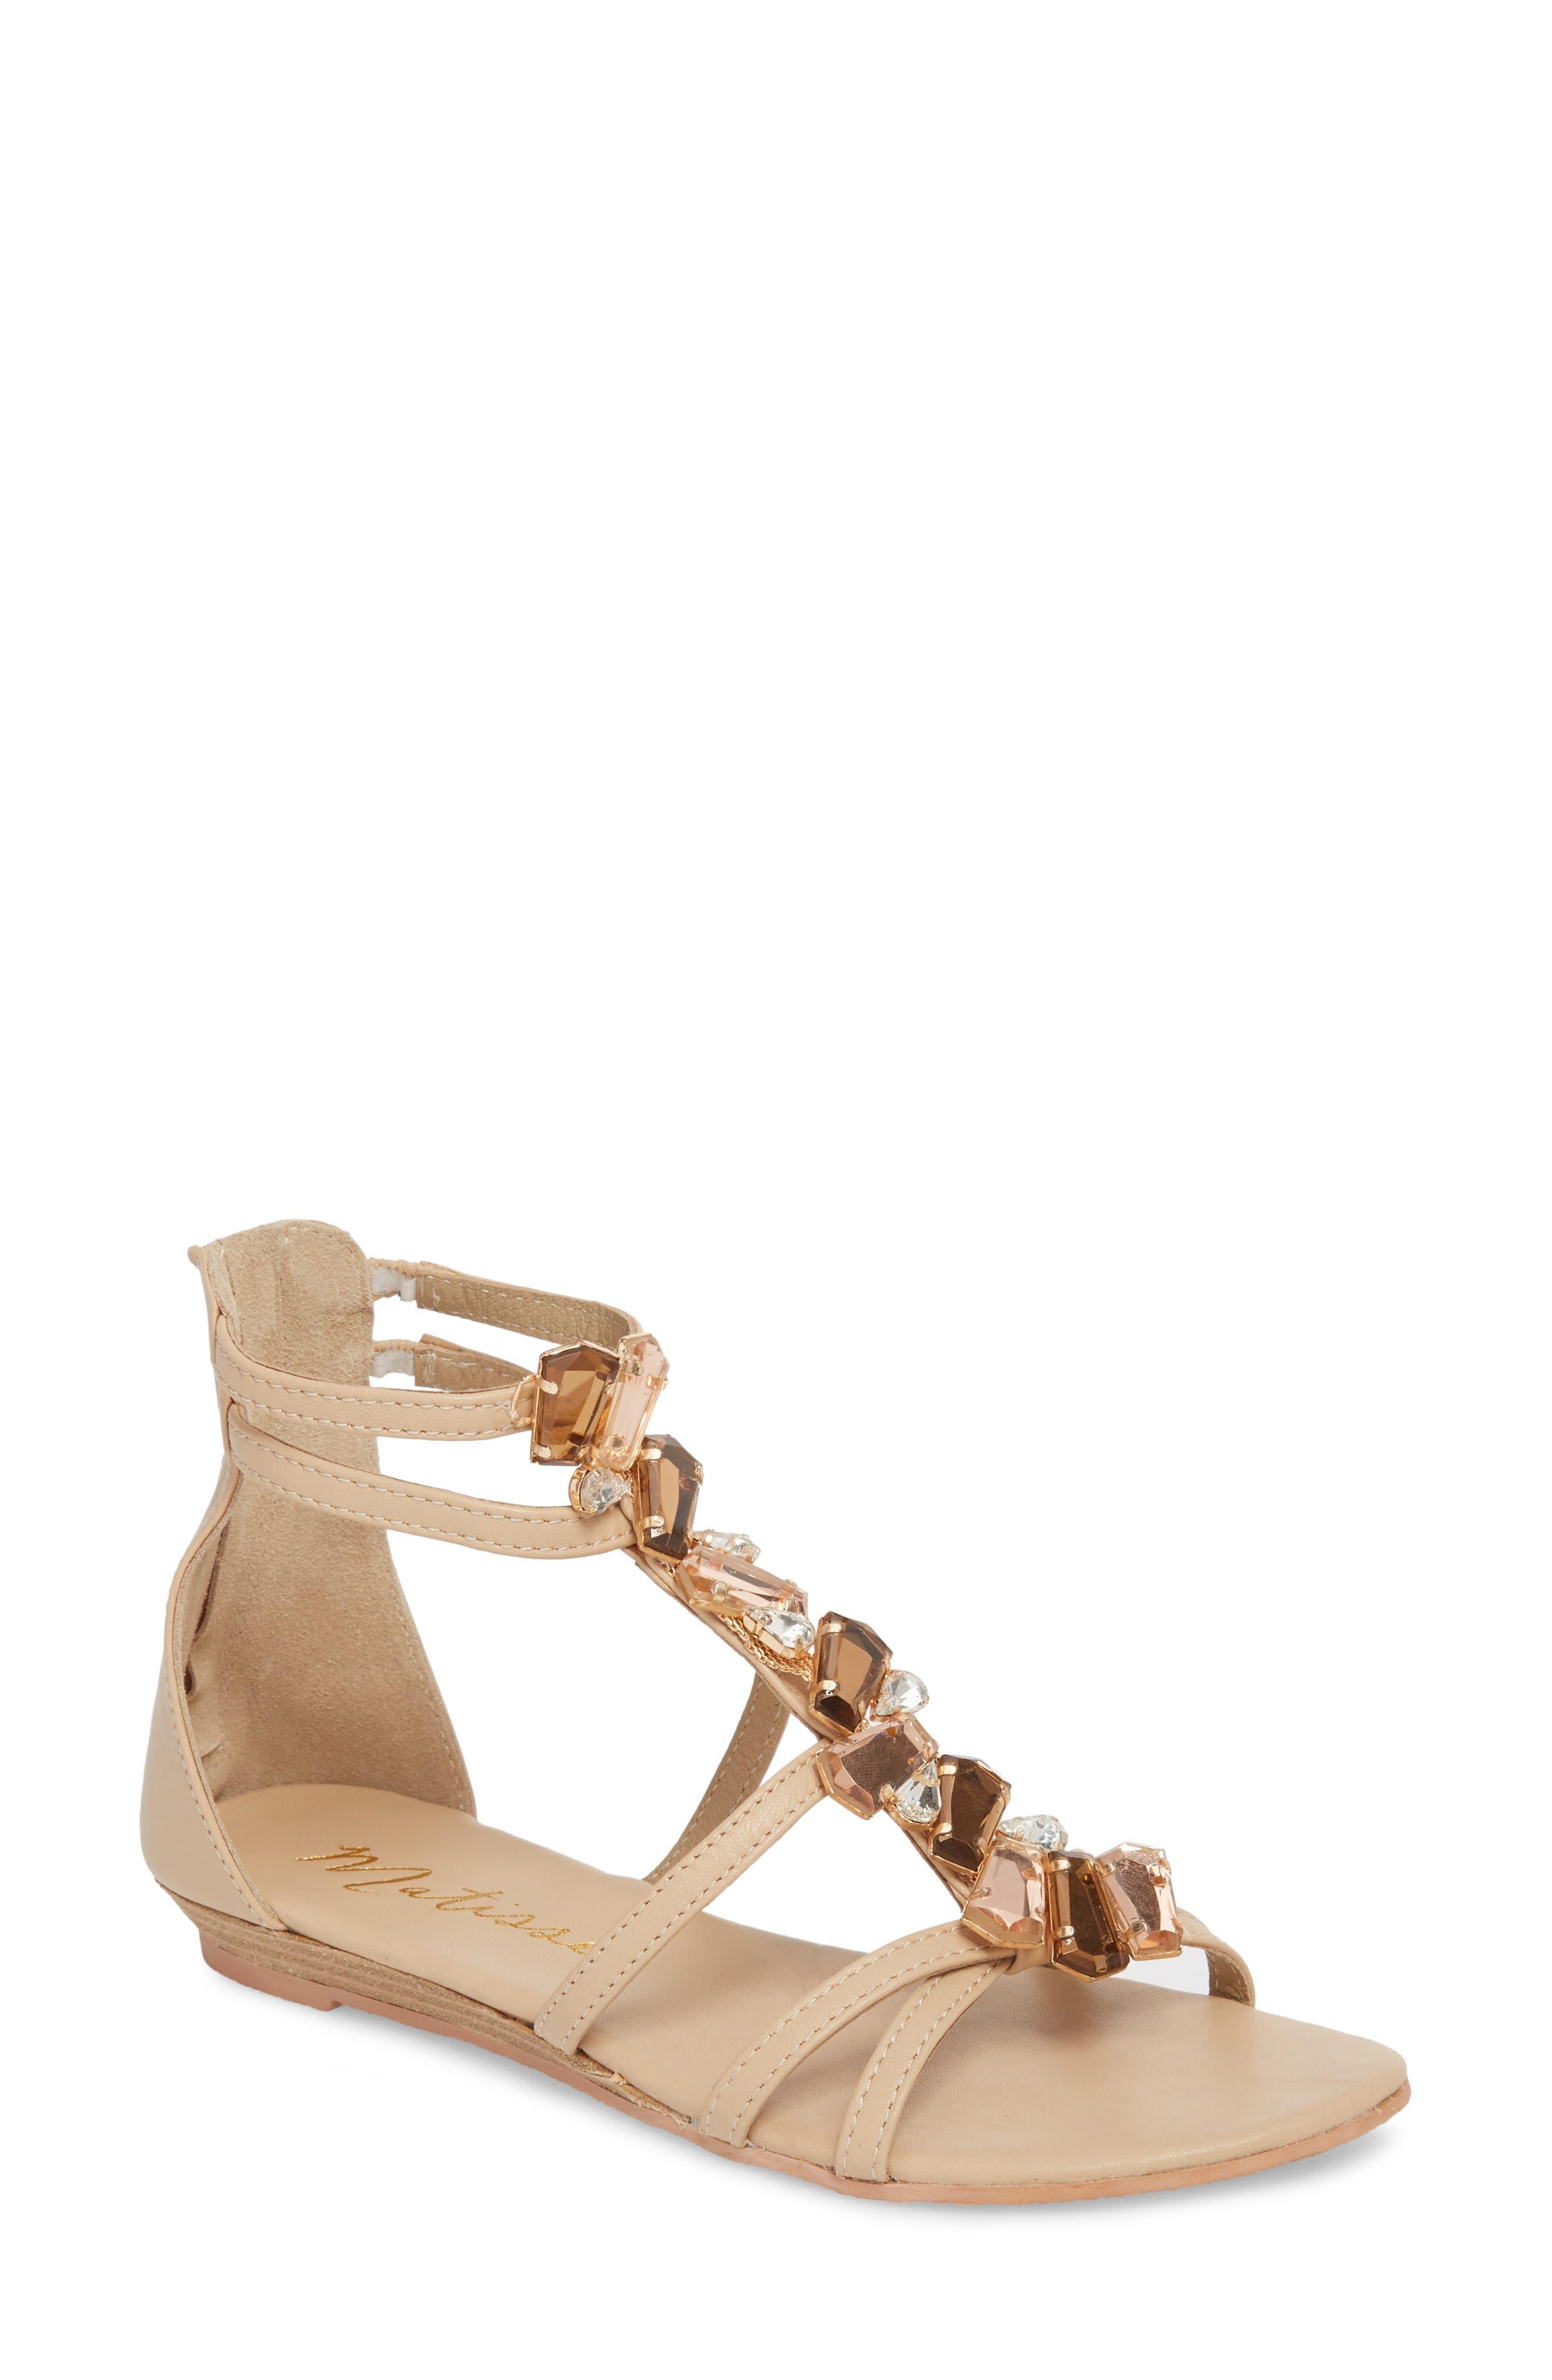 Didi Crystal Embellished Sandal,                         Main,                         color, NATURAL LEATHER